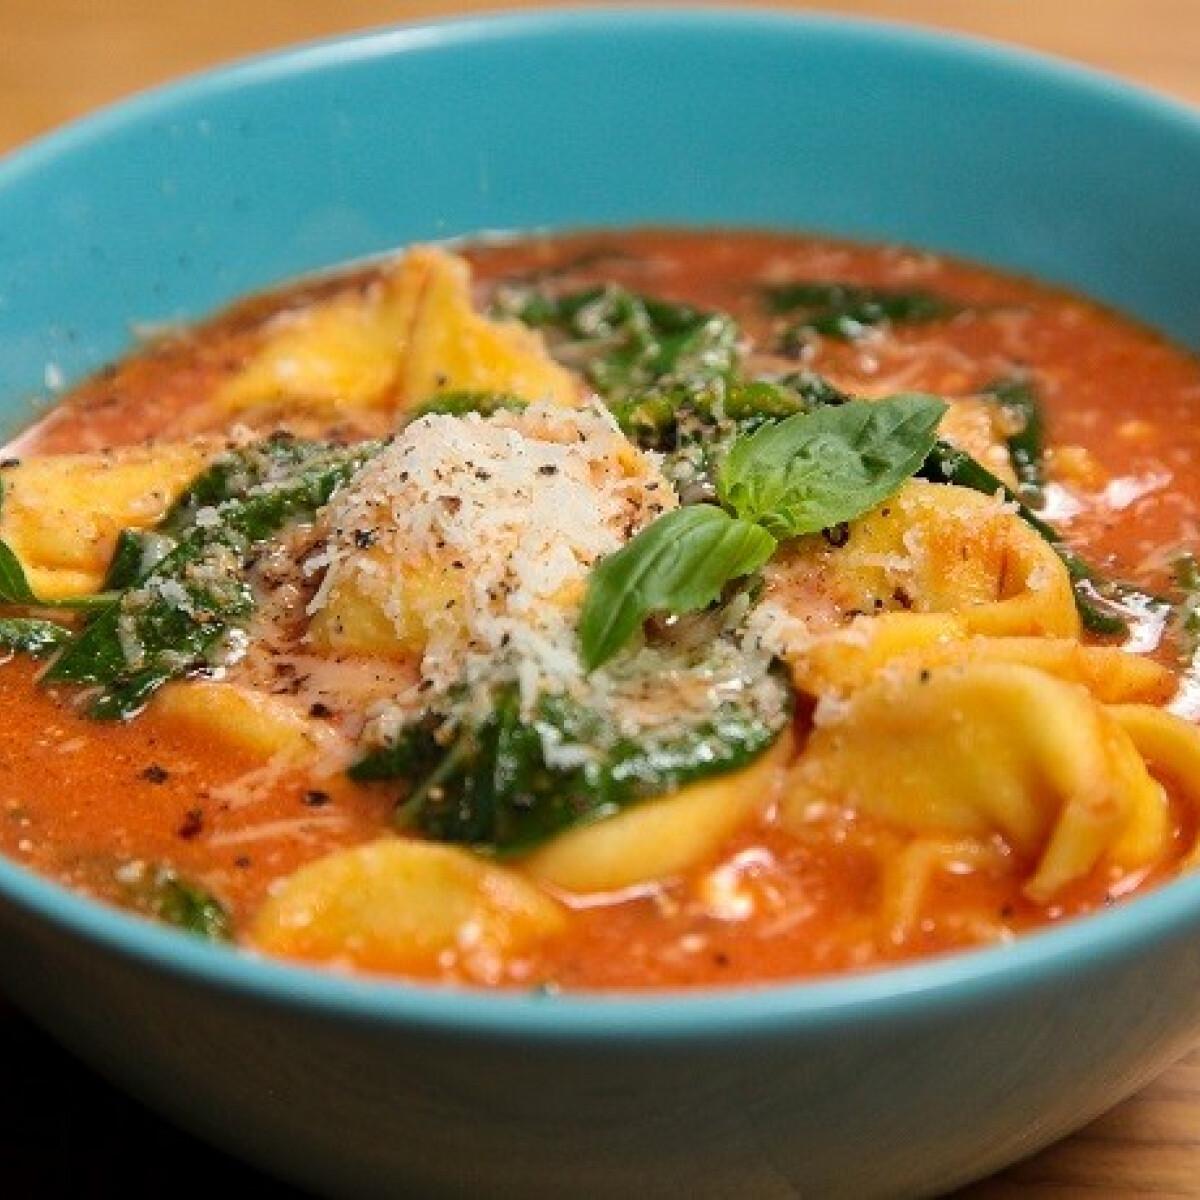 Ezen a képen: Paradicsomos tortellini leves